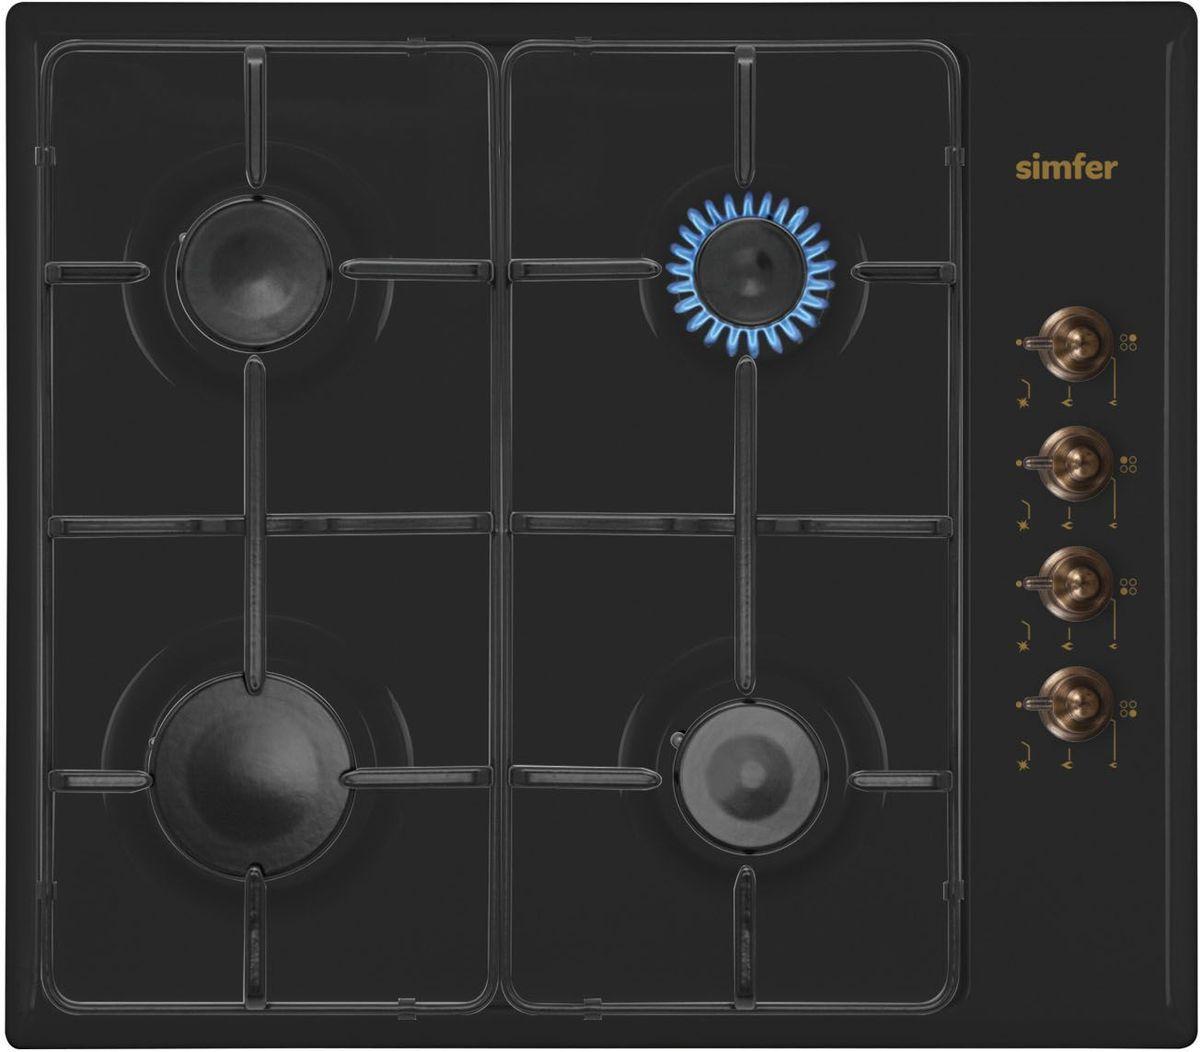 Simfer H60Q40L411 панель варочная газоваяH60Q40L411Газовая варочная панель Simfer H60Q40L411 с чистым пламенем доведет вашу сковороду до нужной температуры без всяких задержек. Включите её и всё днище сковороды будет моментально нагрето.Simfer H60Q40L411 упрощает приготовление и делает его безопаснее благодаря особой форме подставок, обеспечивающих абсолютную устойчивость посуды.Нет способа быстрее и удобнее для того, чтобы разжечь конфорку, чем автоподжиг варочной панели. Просто поверните ручку, чтобы открыть и зажечь газ одним плавным движением.